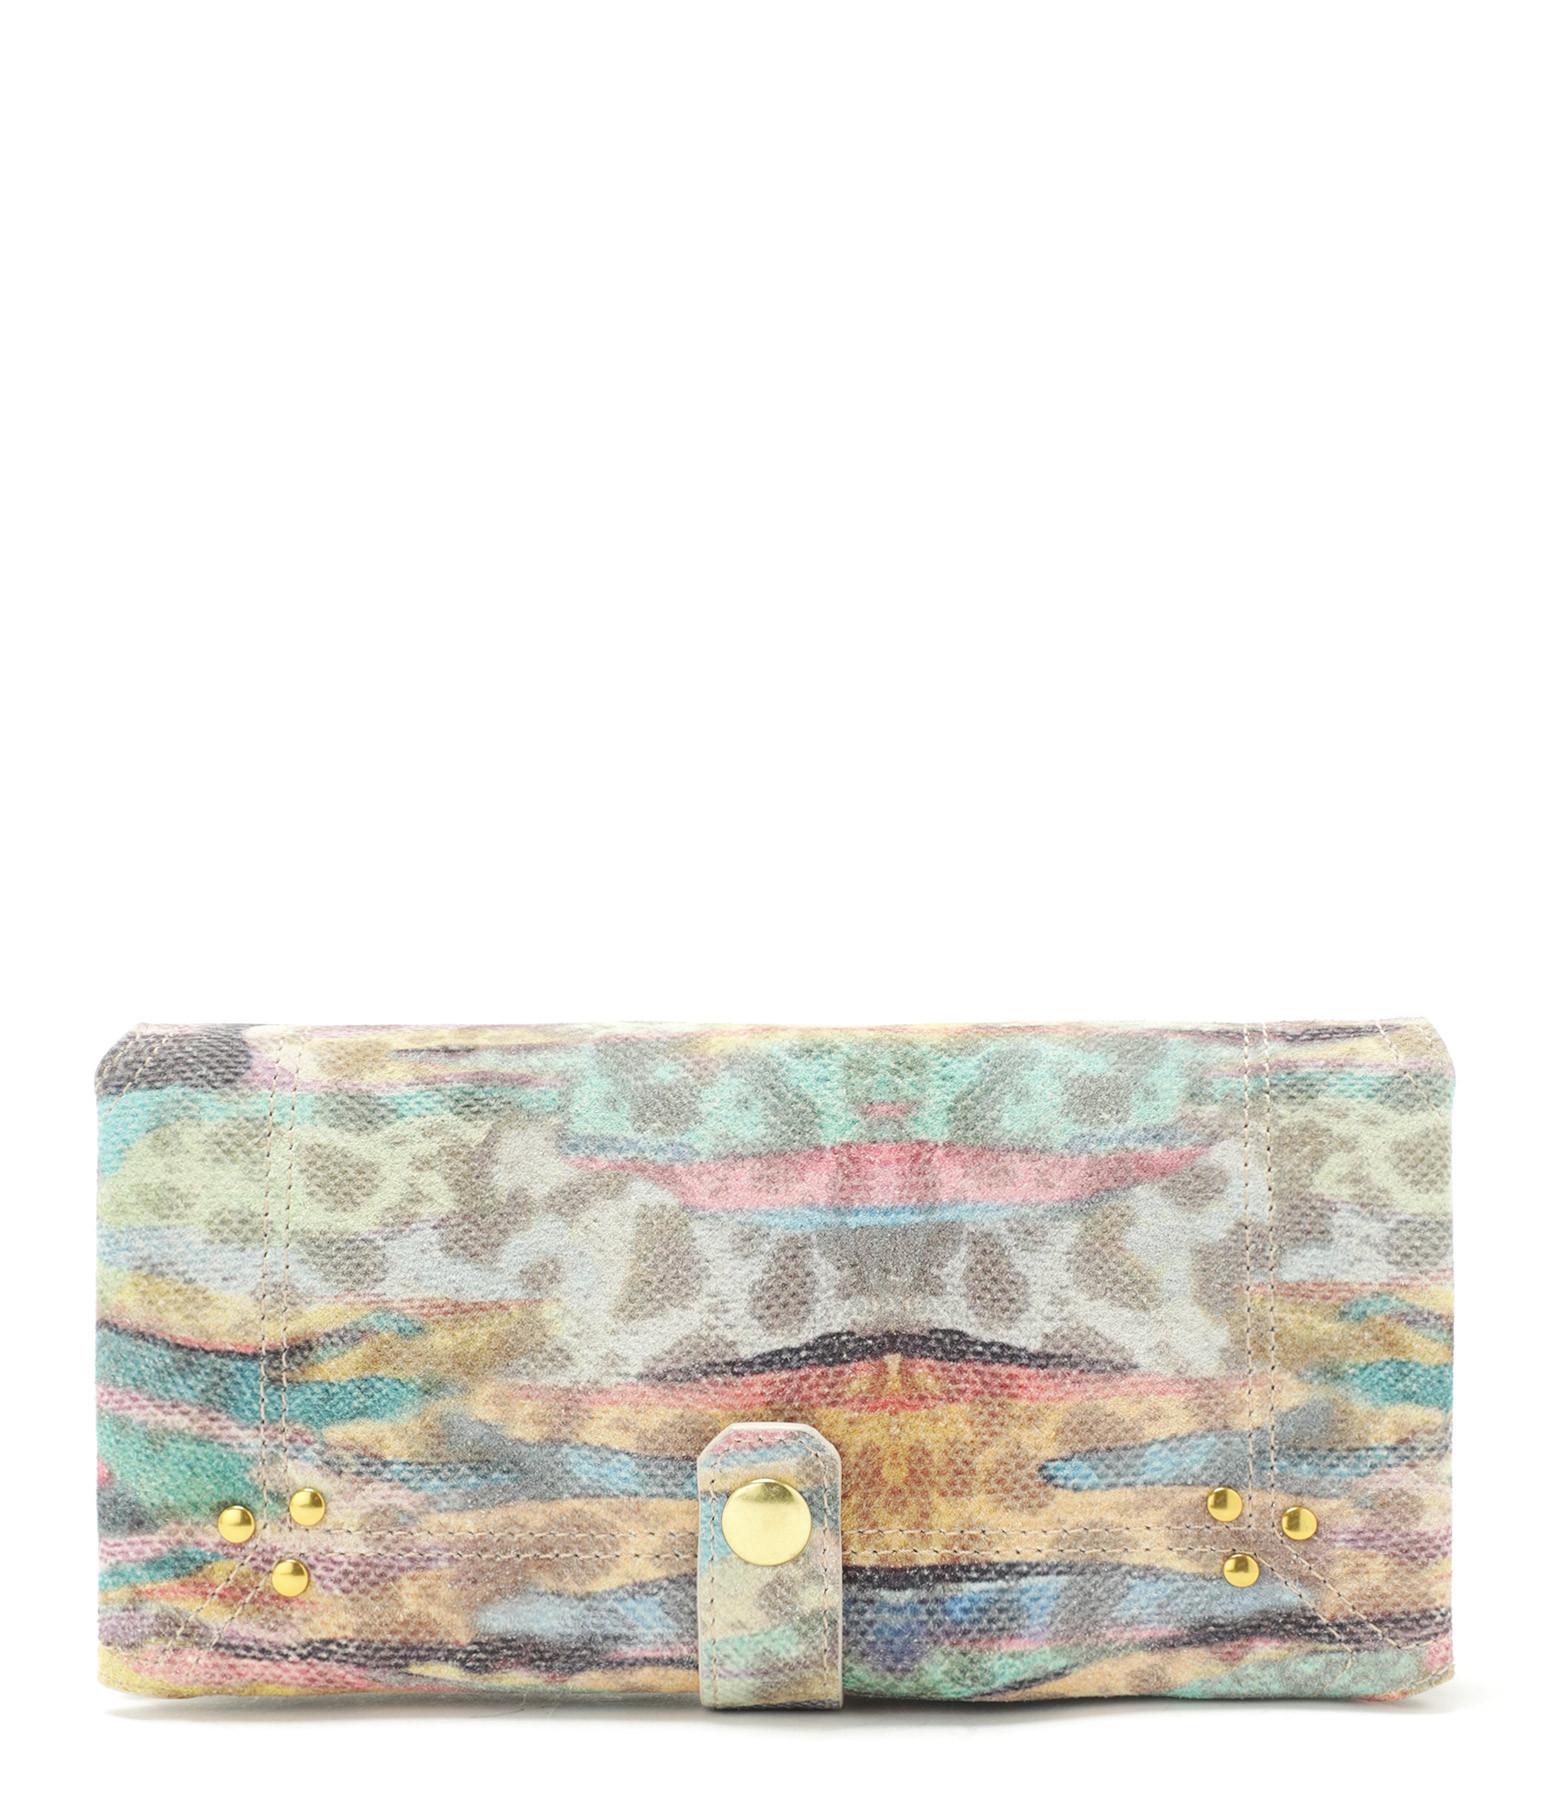 JEROME DREYFUSS - Porte-mobile L Veau Agneau Psyché